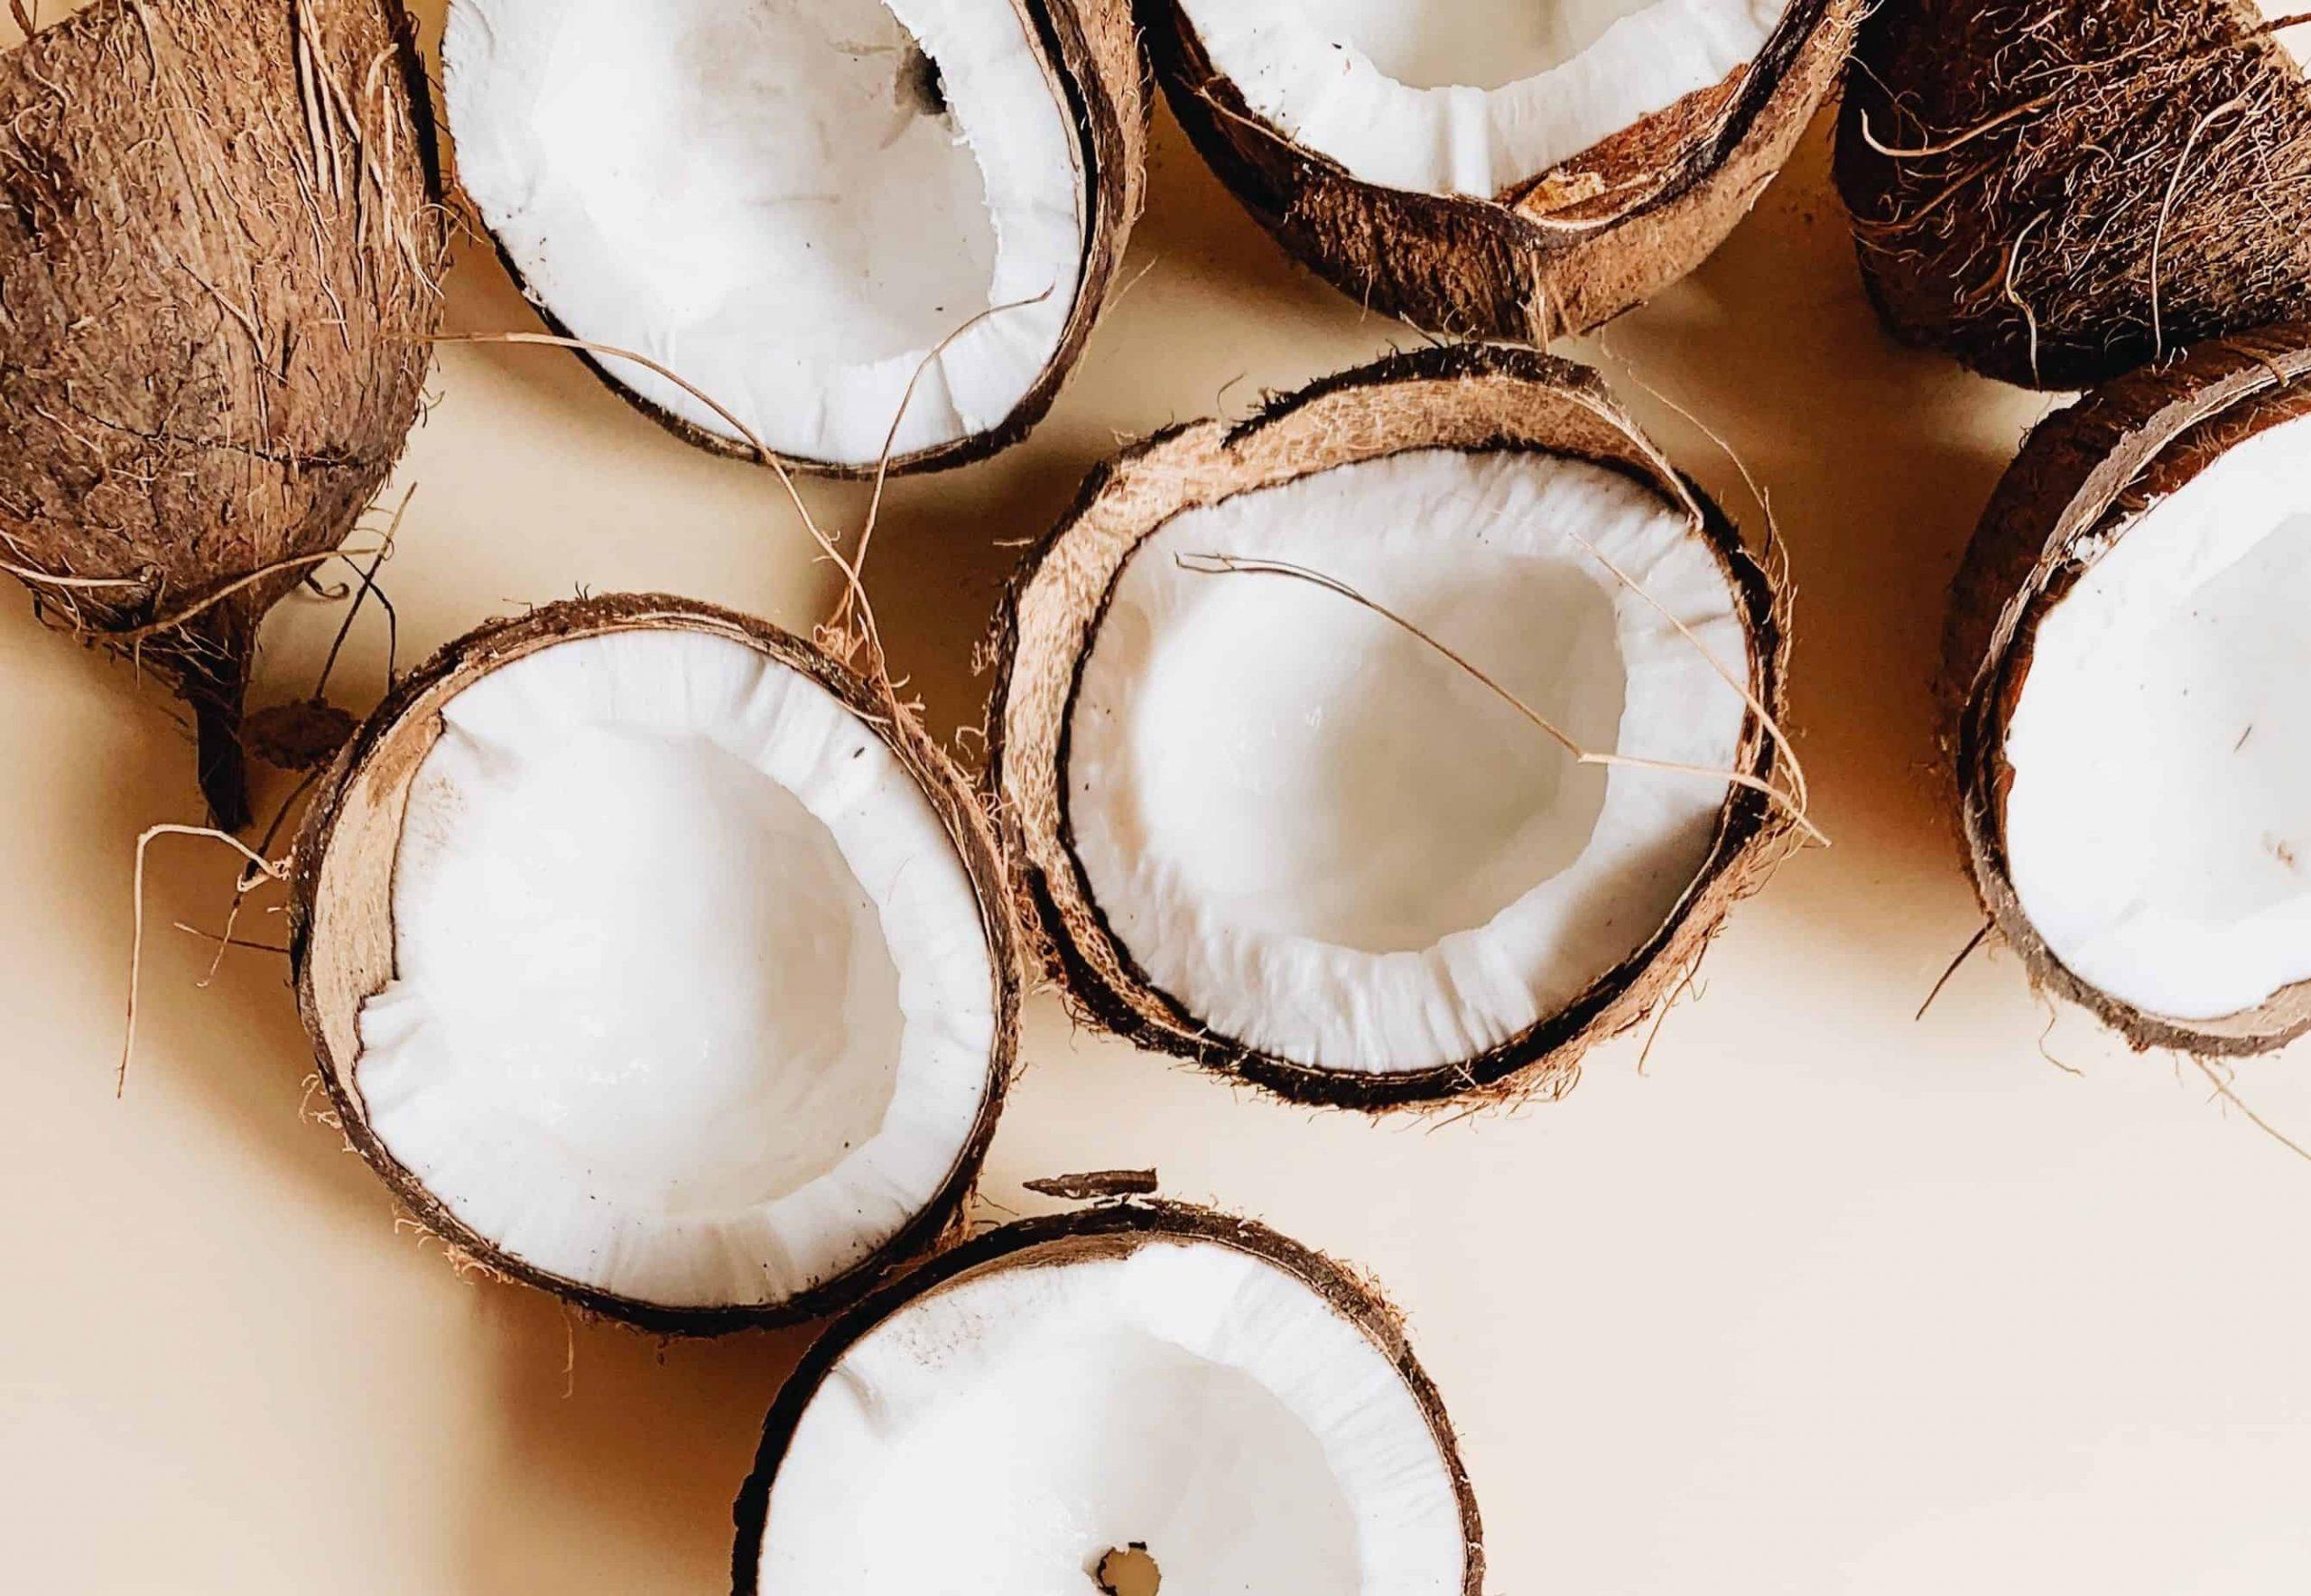 Kokosmilch: Test & Empfehlungen (09/20)